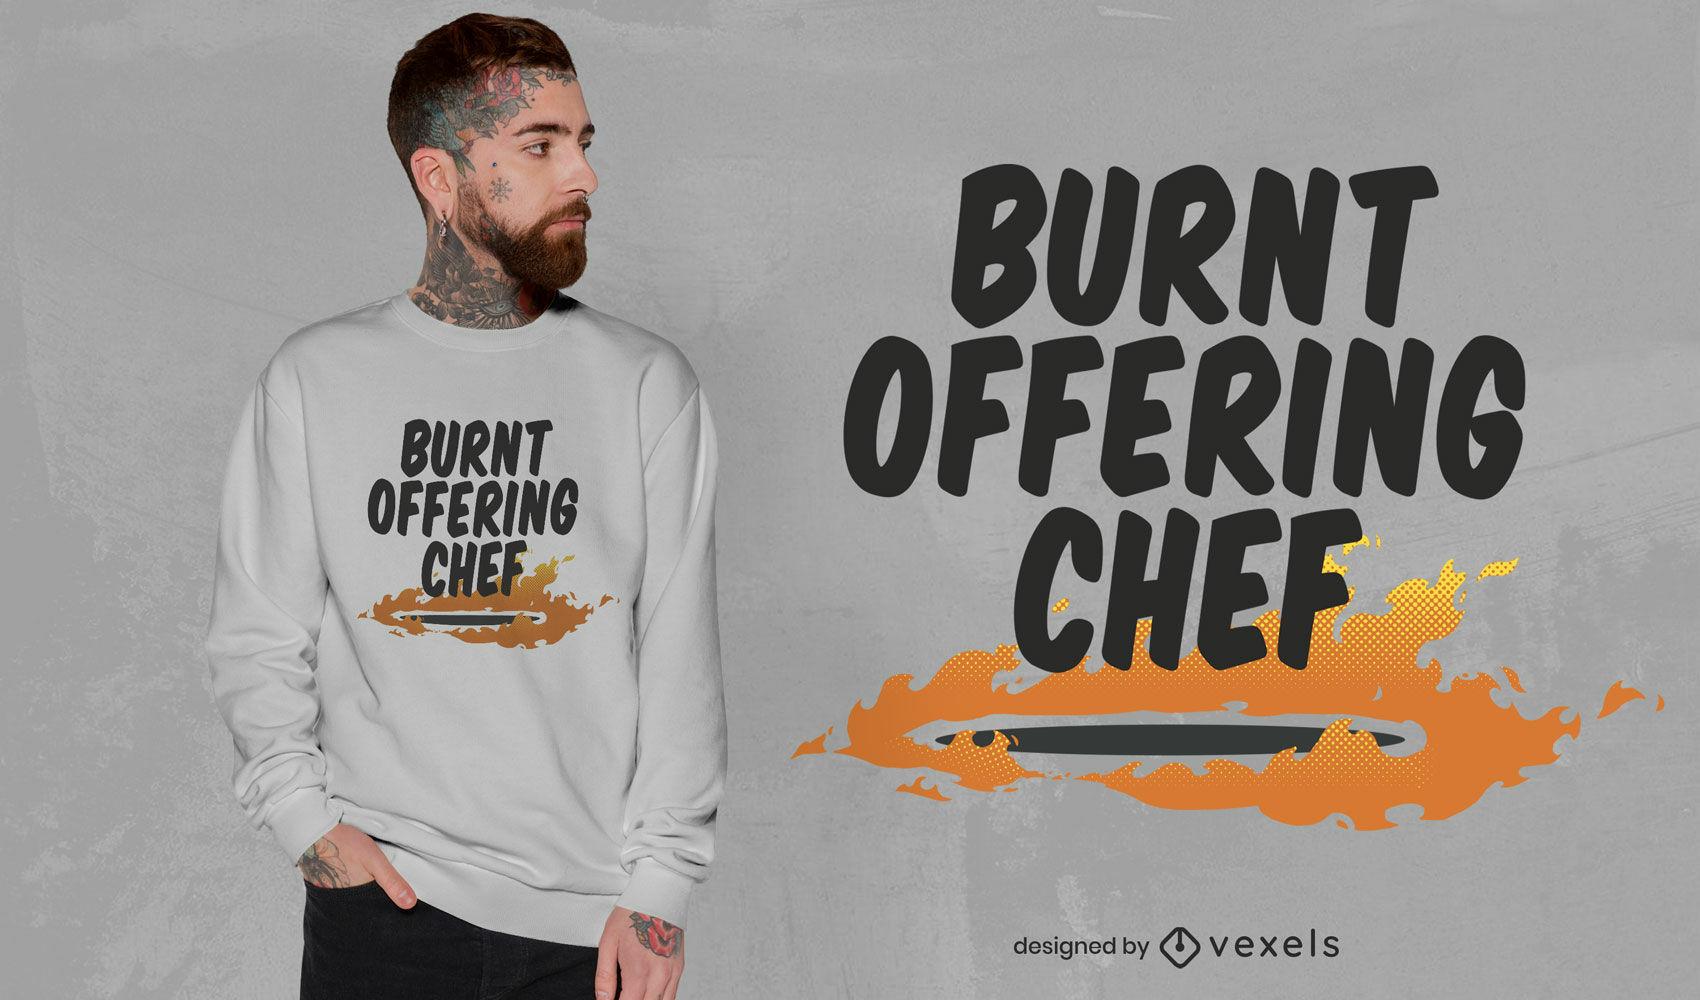 Dise?o de camiseta con cita de chef de oferta quemada.